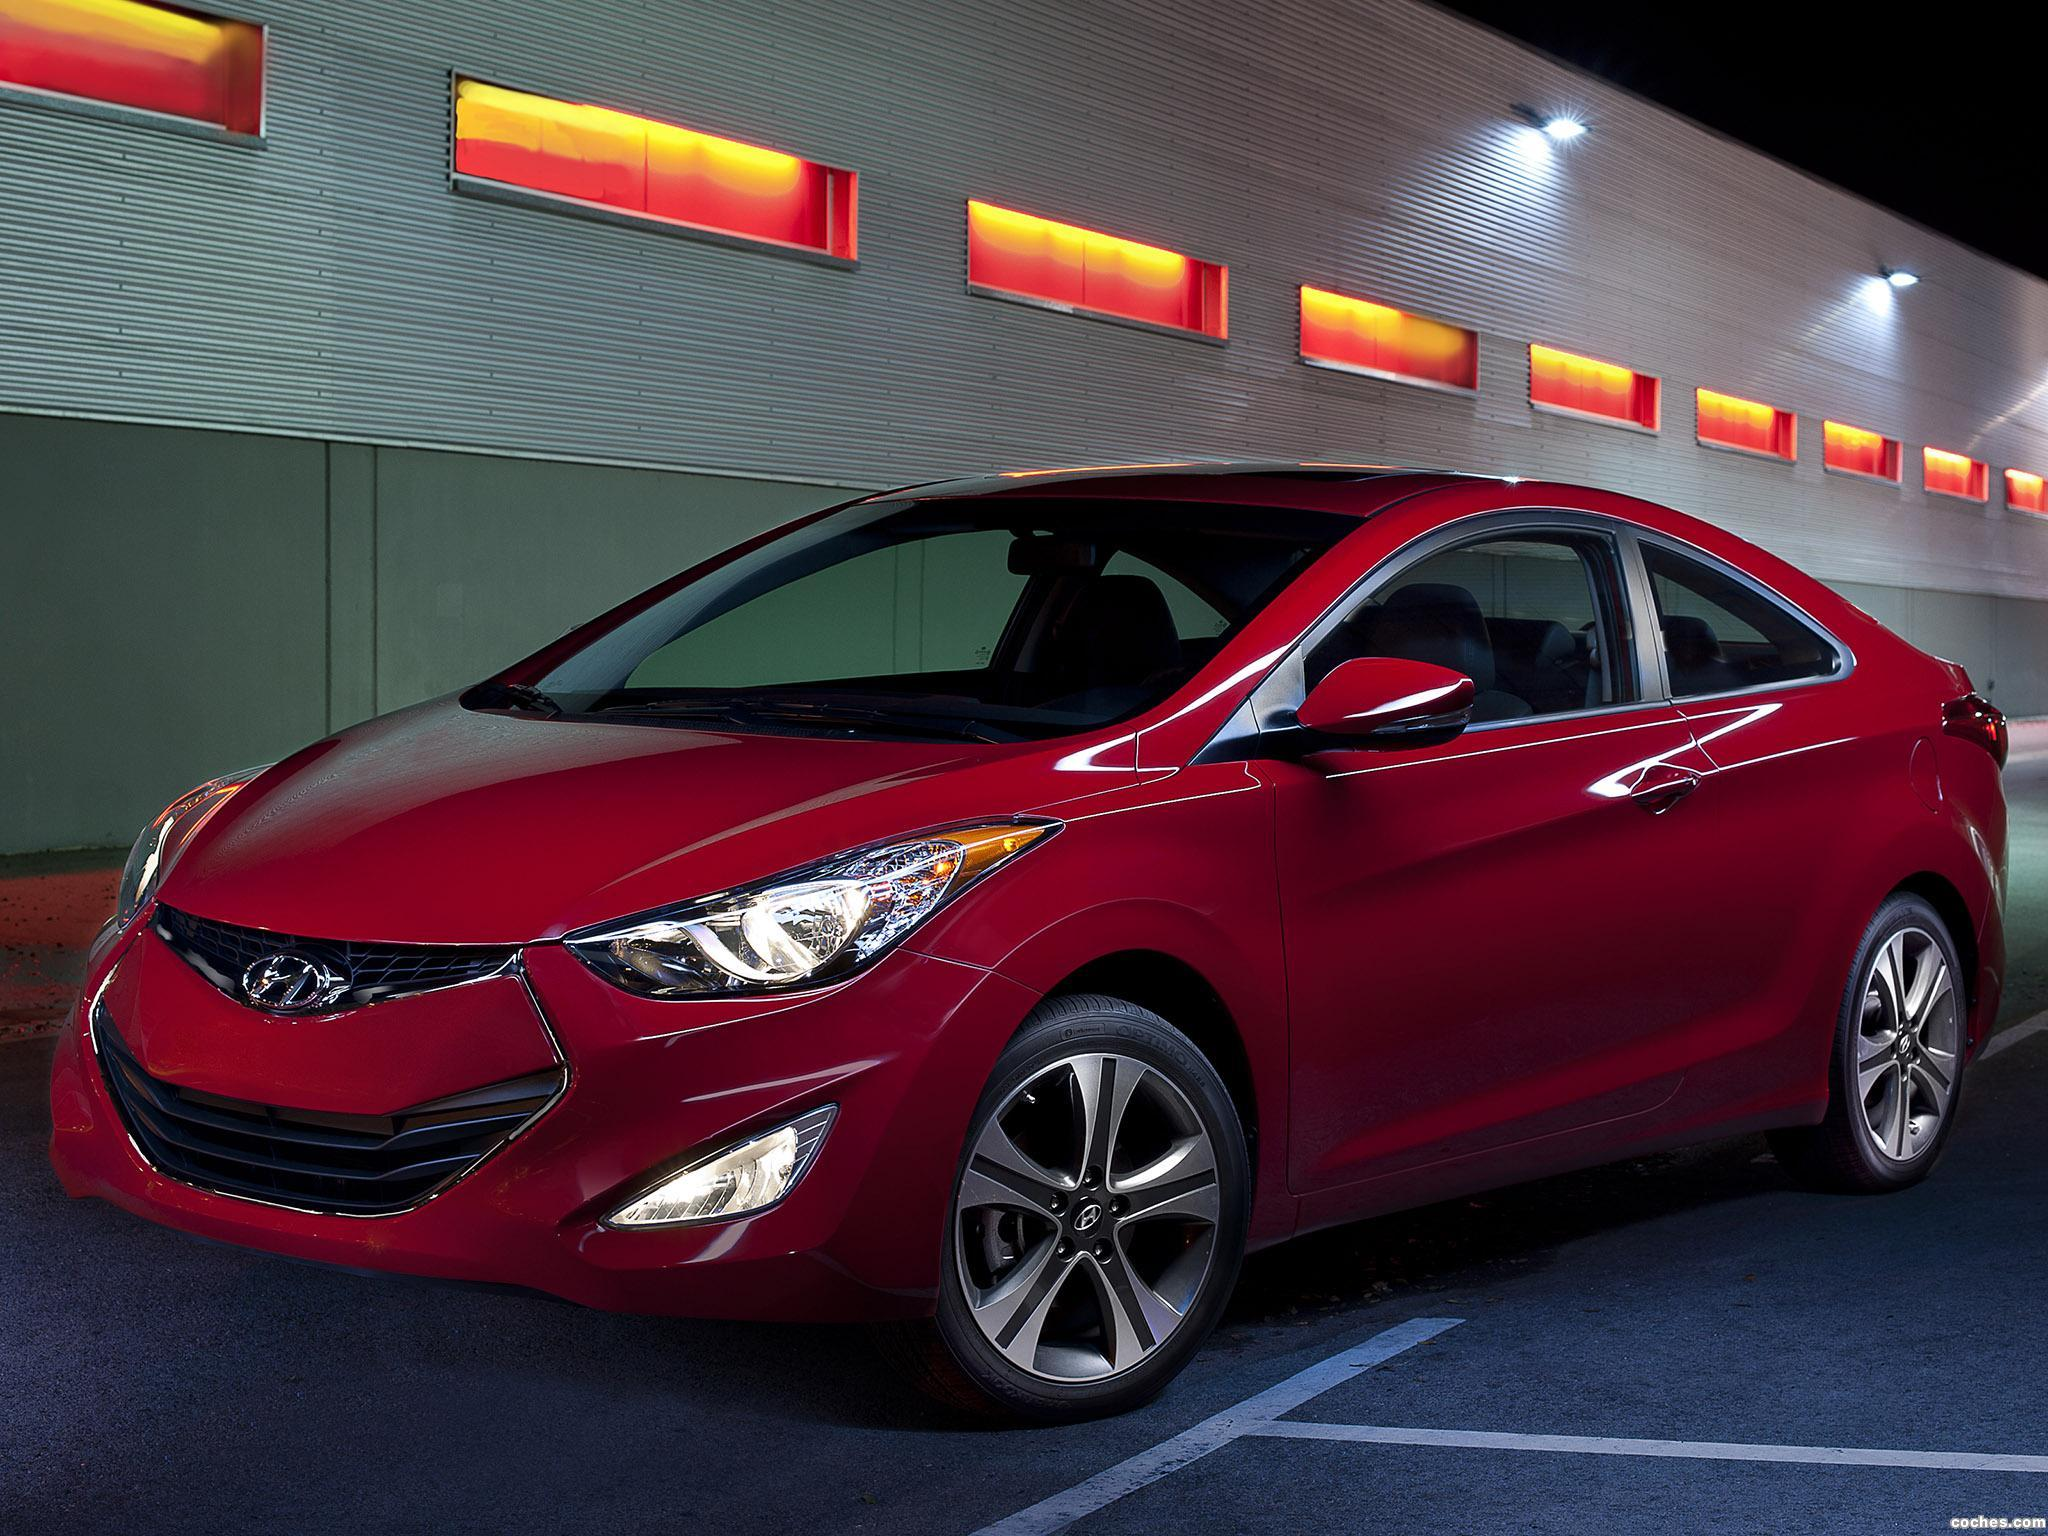 Foto 0 de Hyundai Elantra Coupe USA 2012